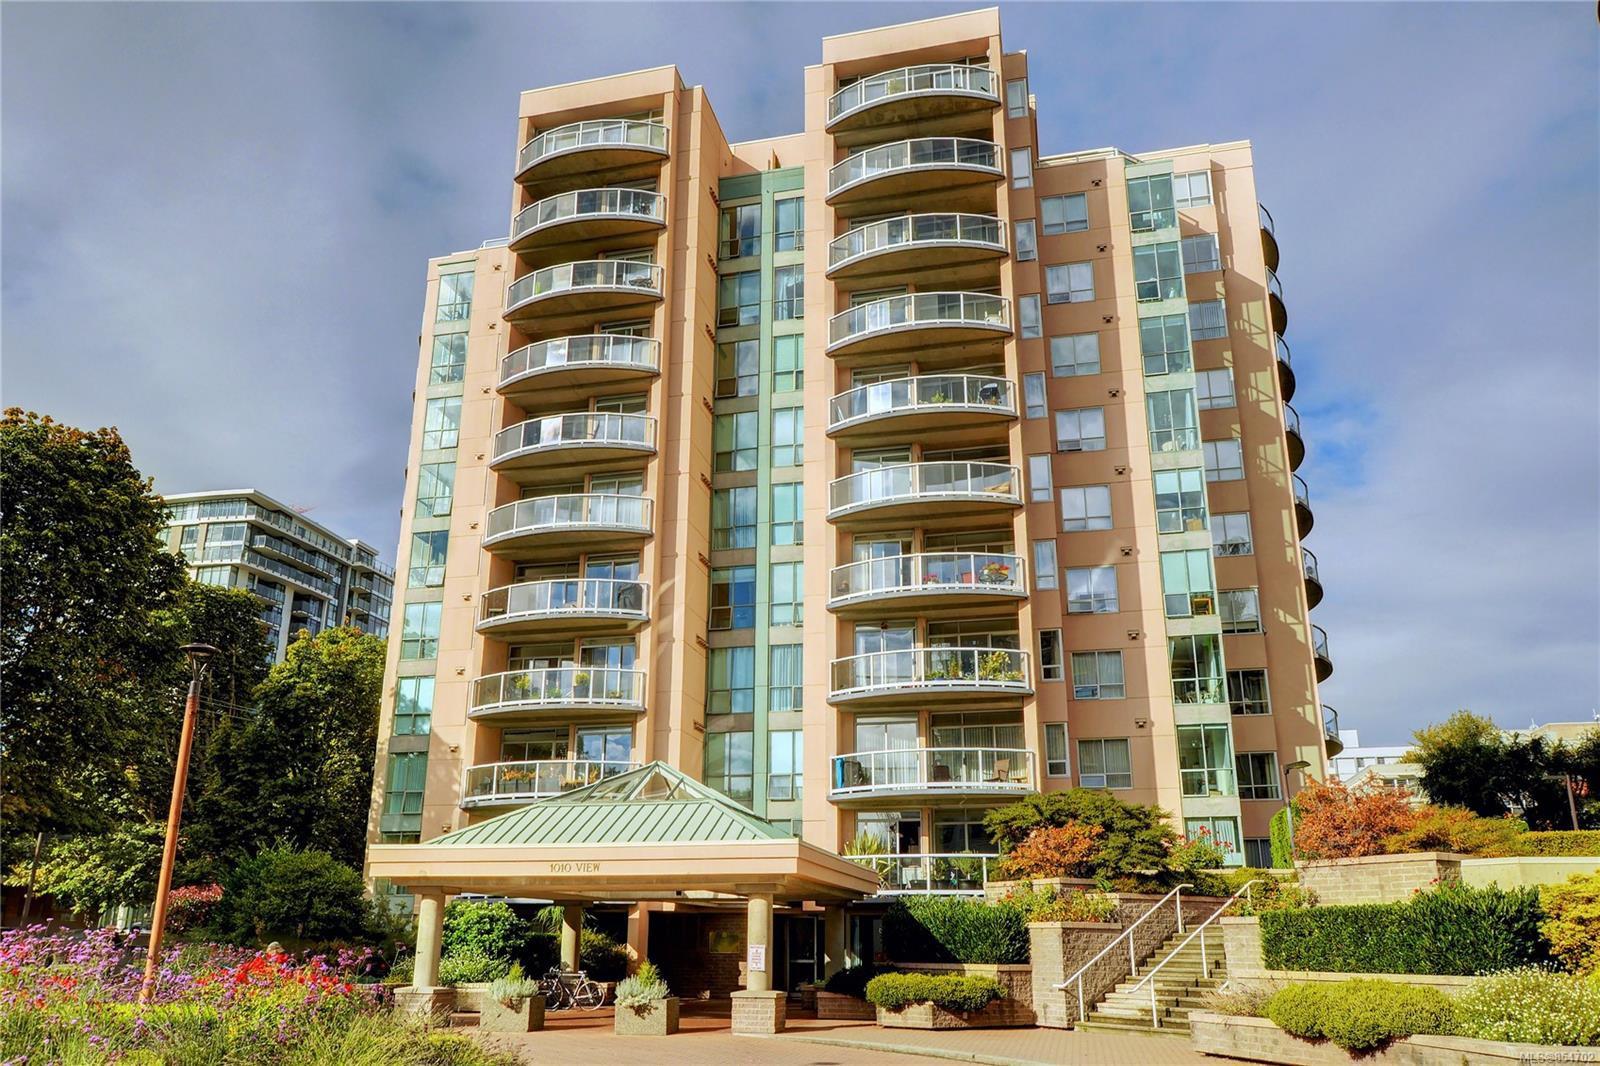 Main Photo: 408 1010 View St in : Vi Downtown Condo for sale (Victoria)  : MLS®# 854702